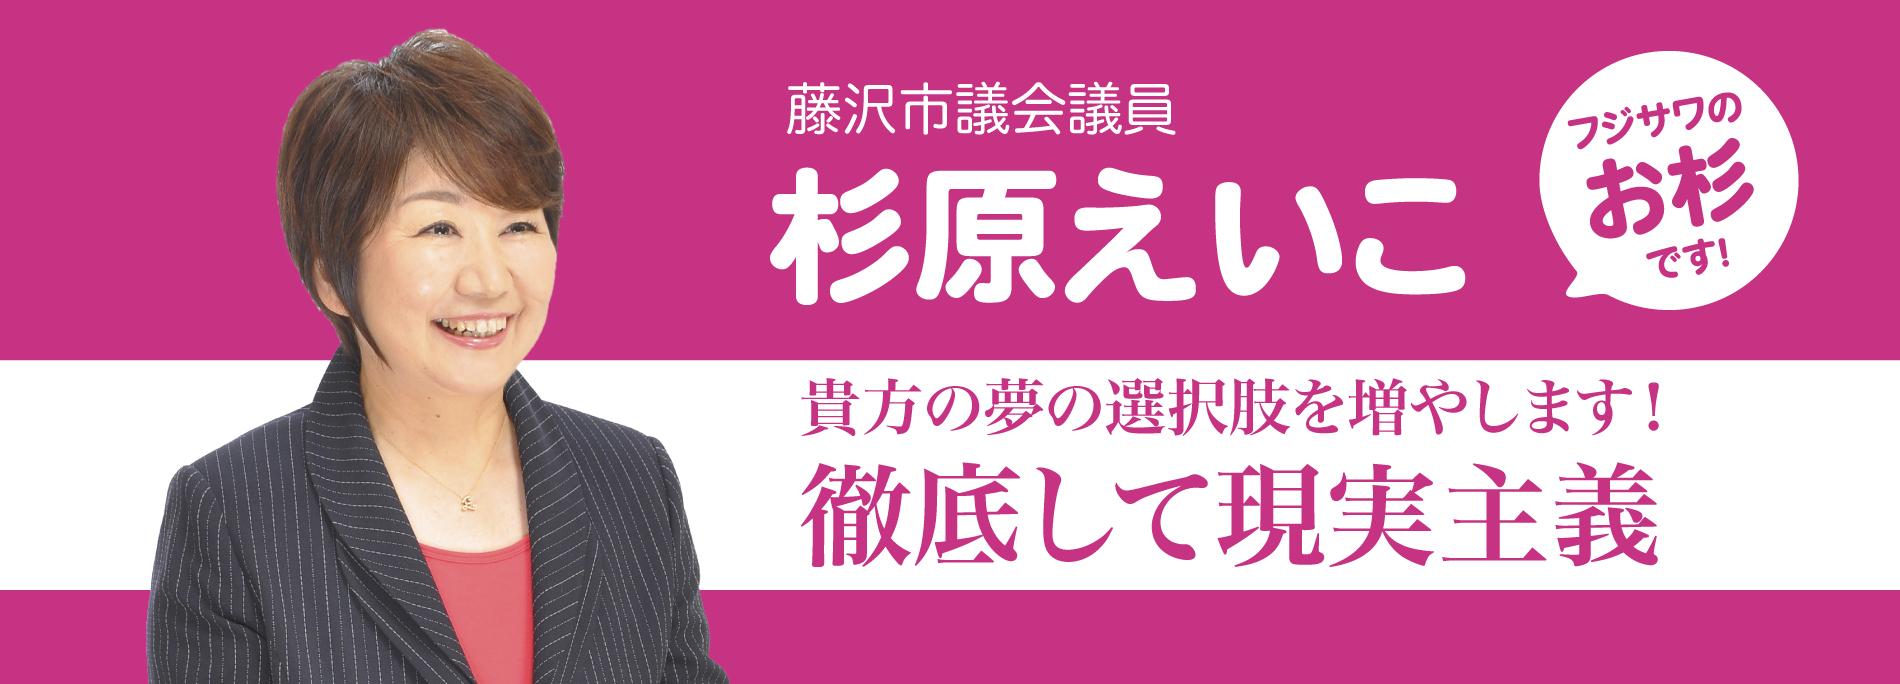 藤沢市議会議員 杉原えいこ